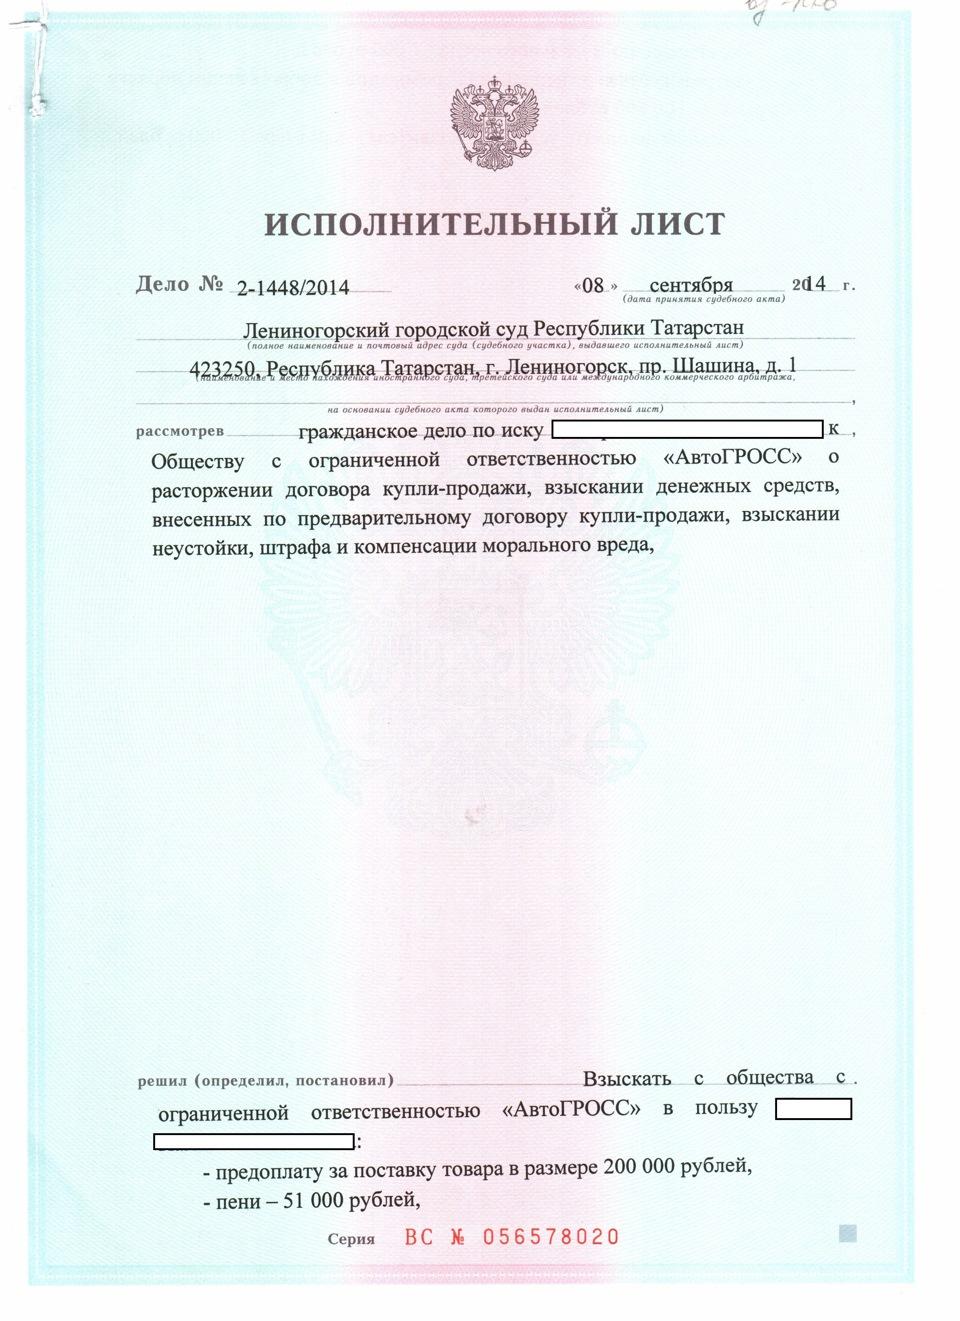 Проект исполнительного листа если приставы наложили арест на ипотечный счет